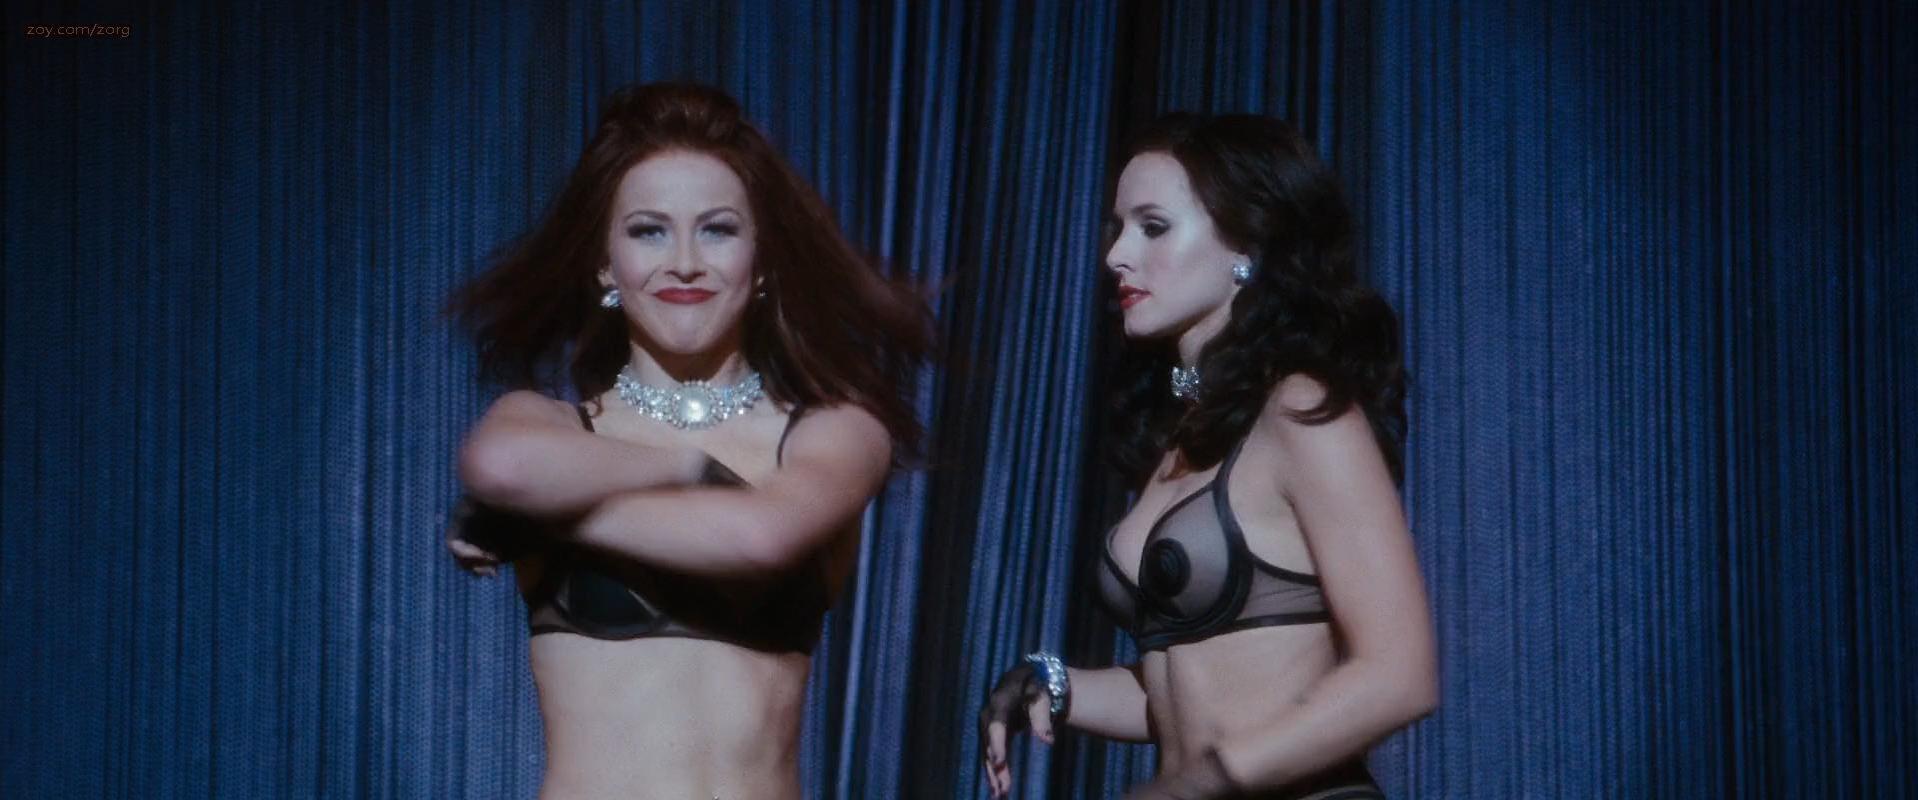 Kristen Bell sexy - Burlesque (2010)